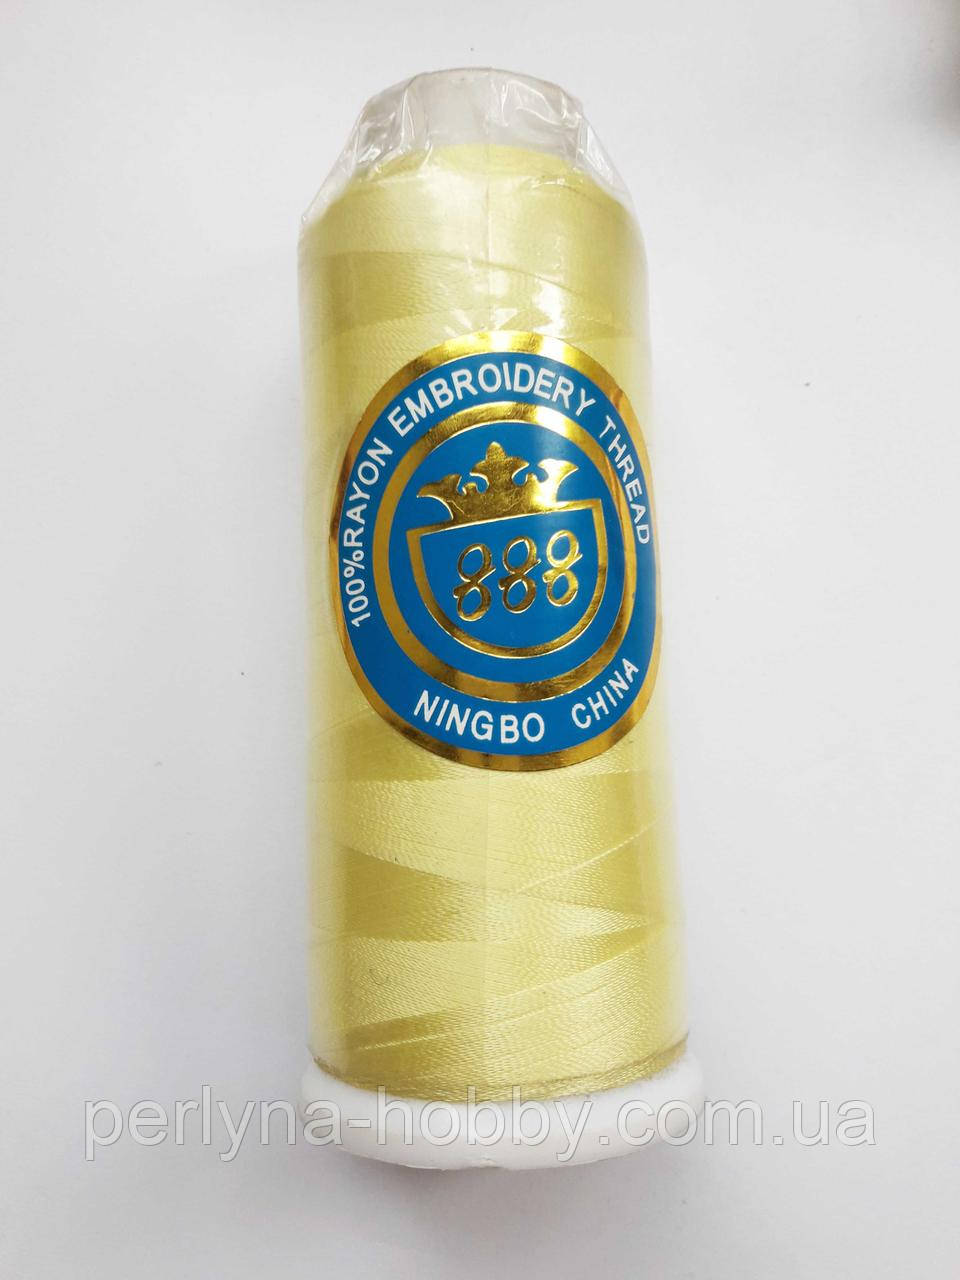 Нитки для машинної вишики 100% віскоза (100% rayon) 3000 ярд, № 359, жовтий світлий, лимонний